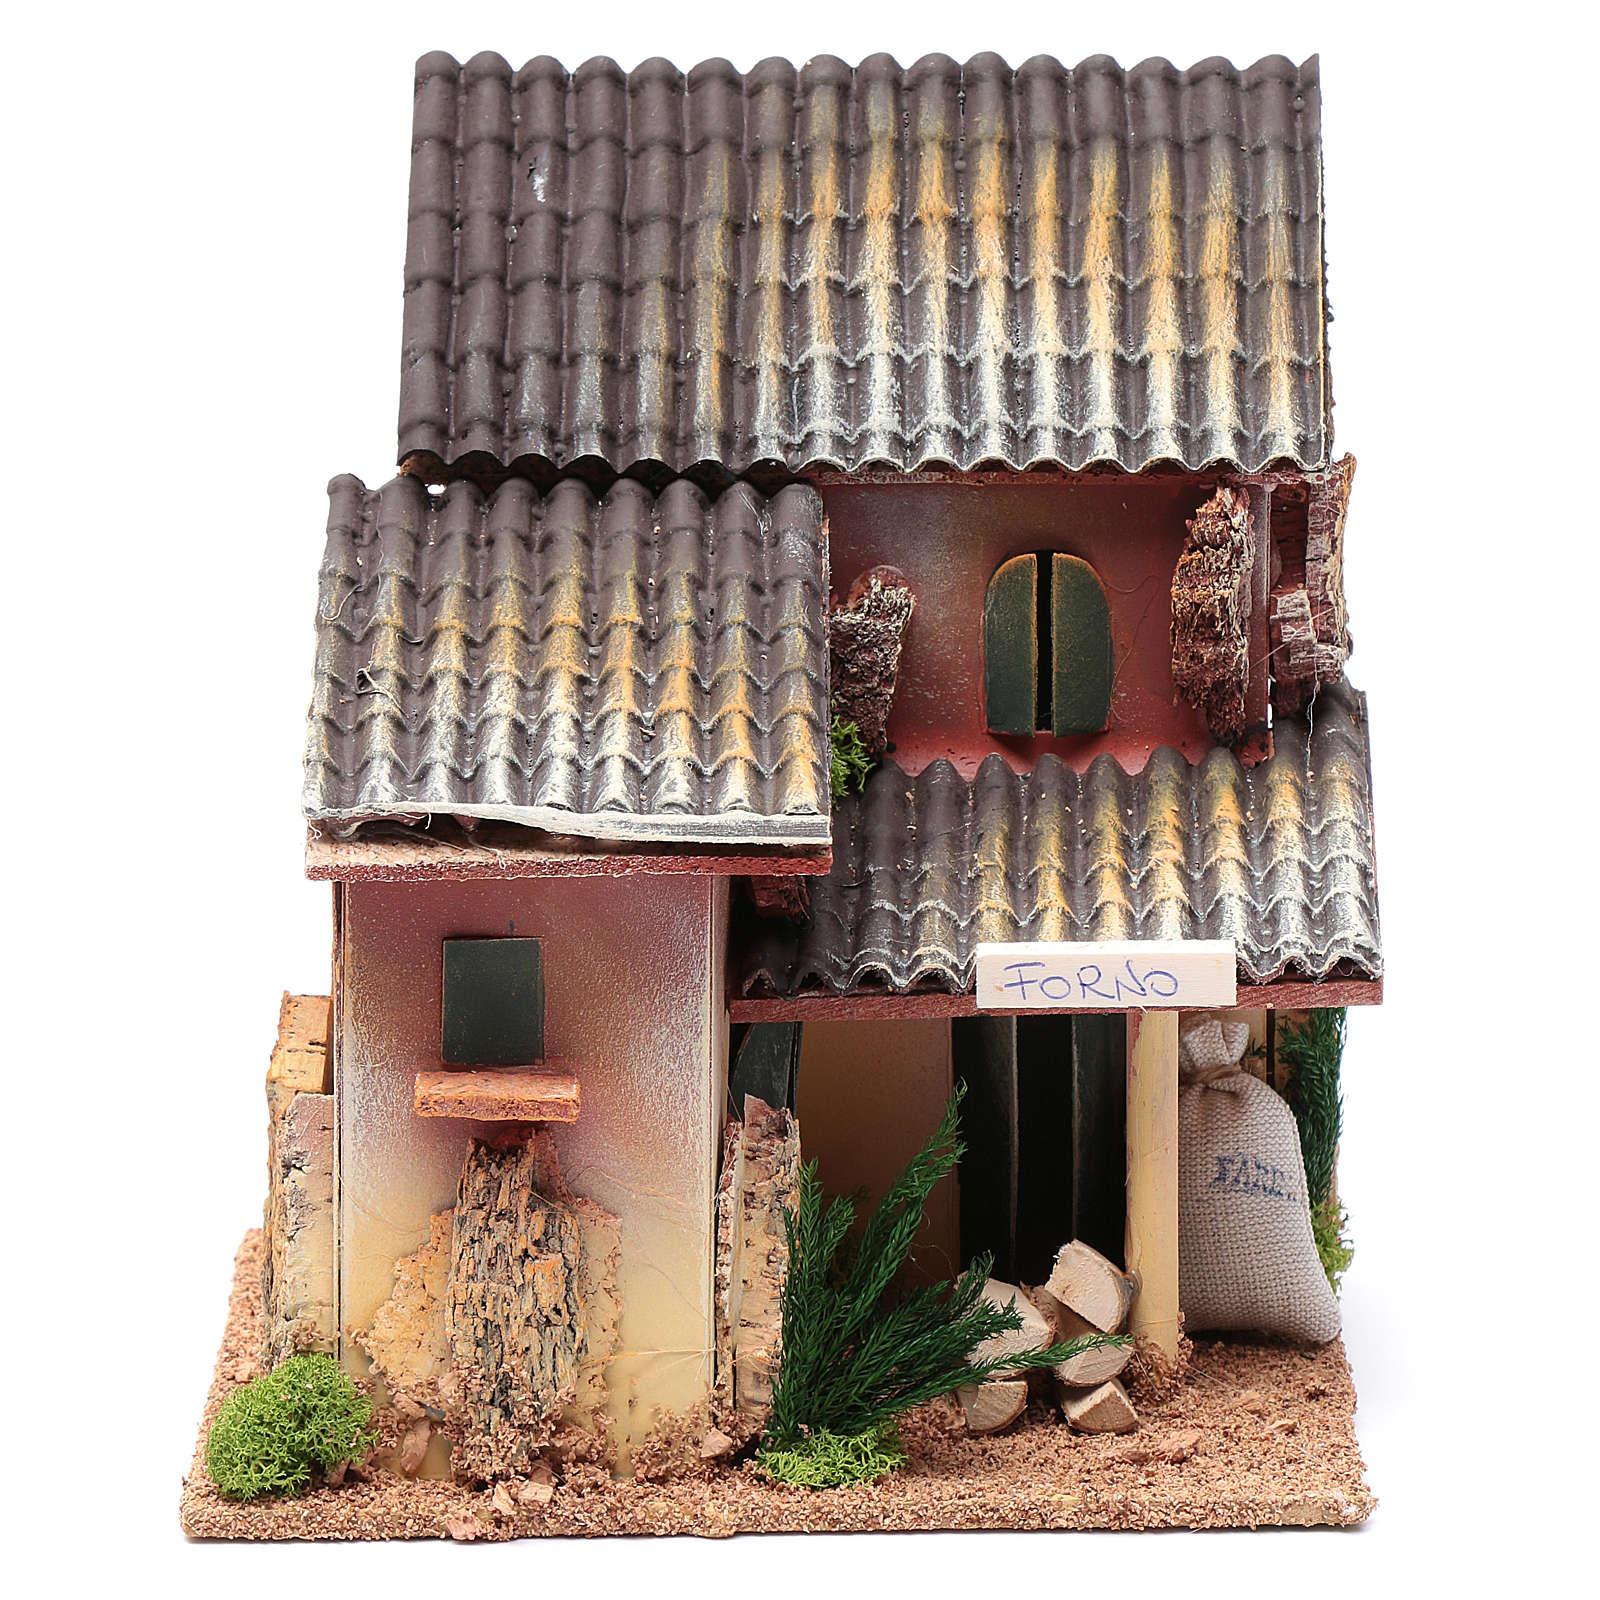 Ambientazione con bottega forno 25x20x15 cm 4